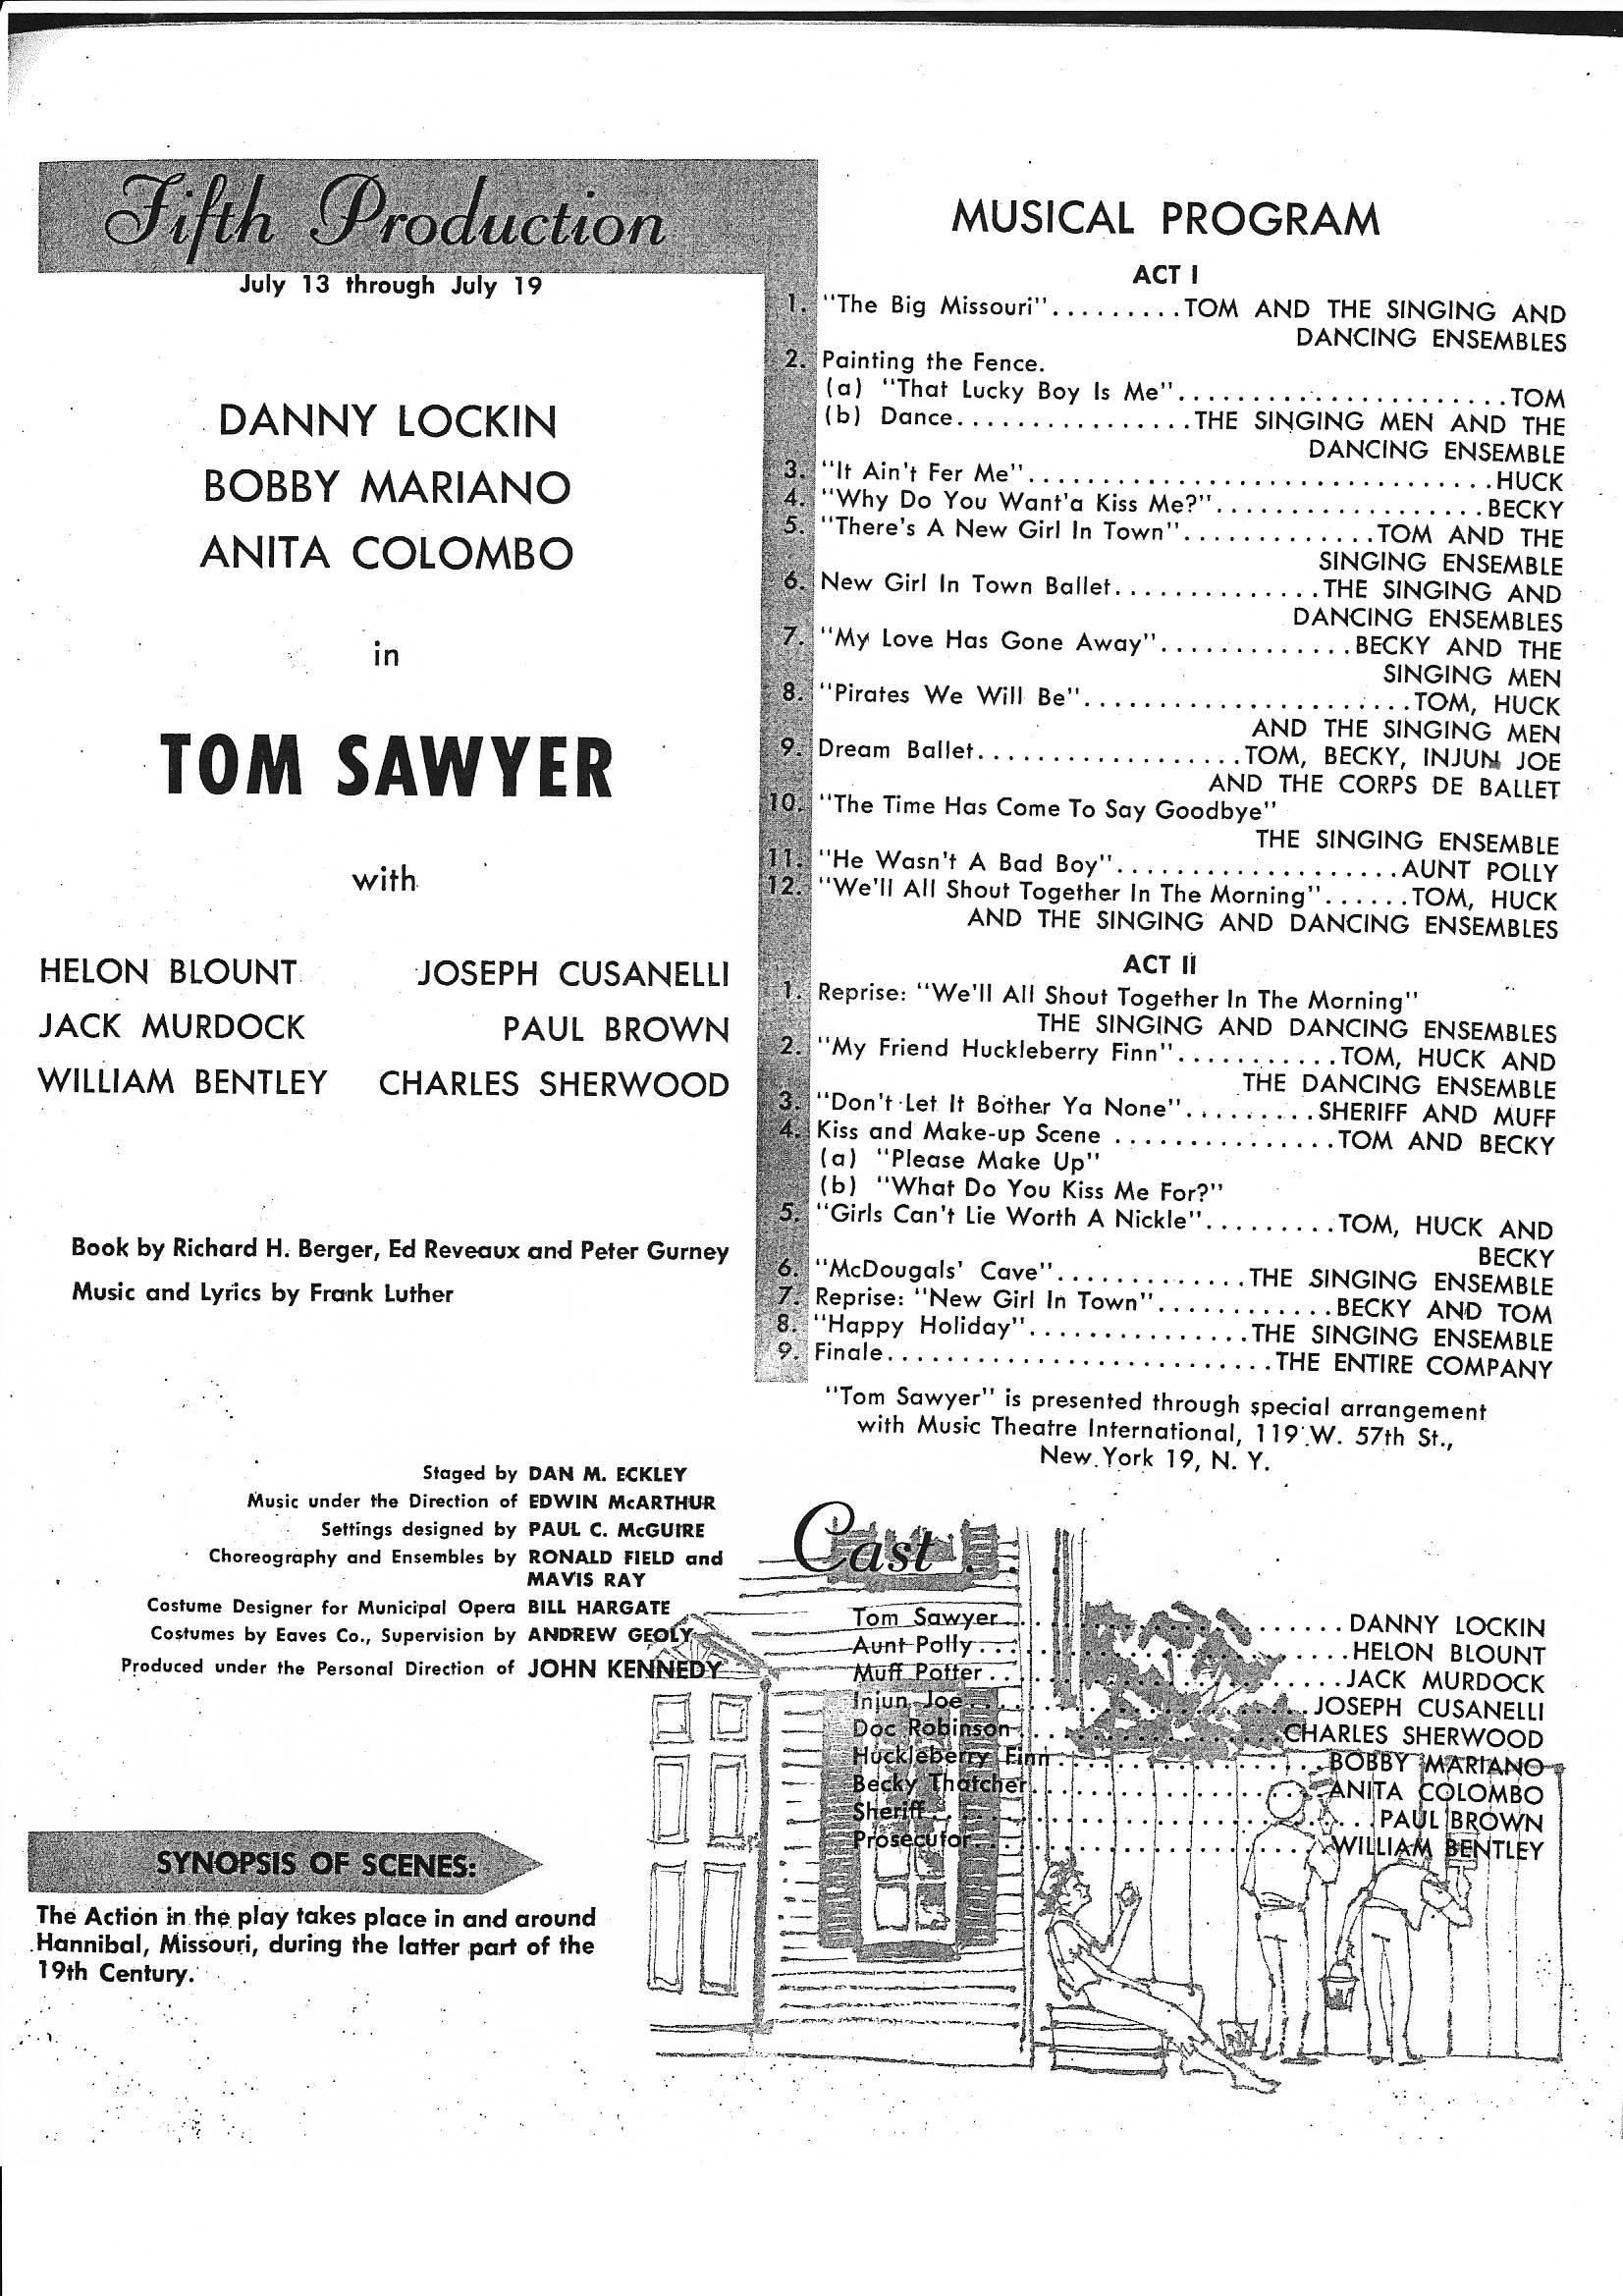 Tom Sawyer program